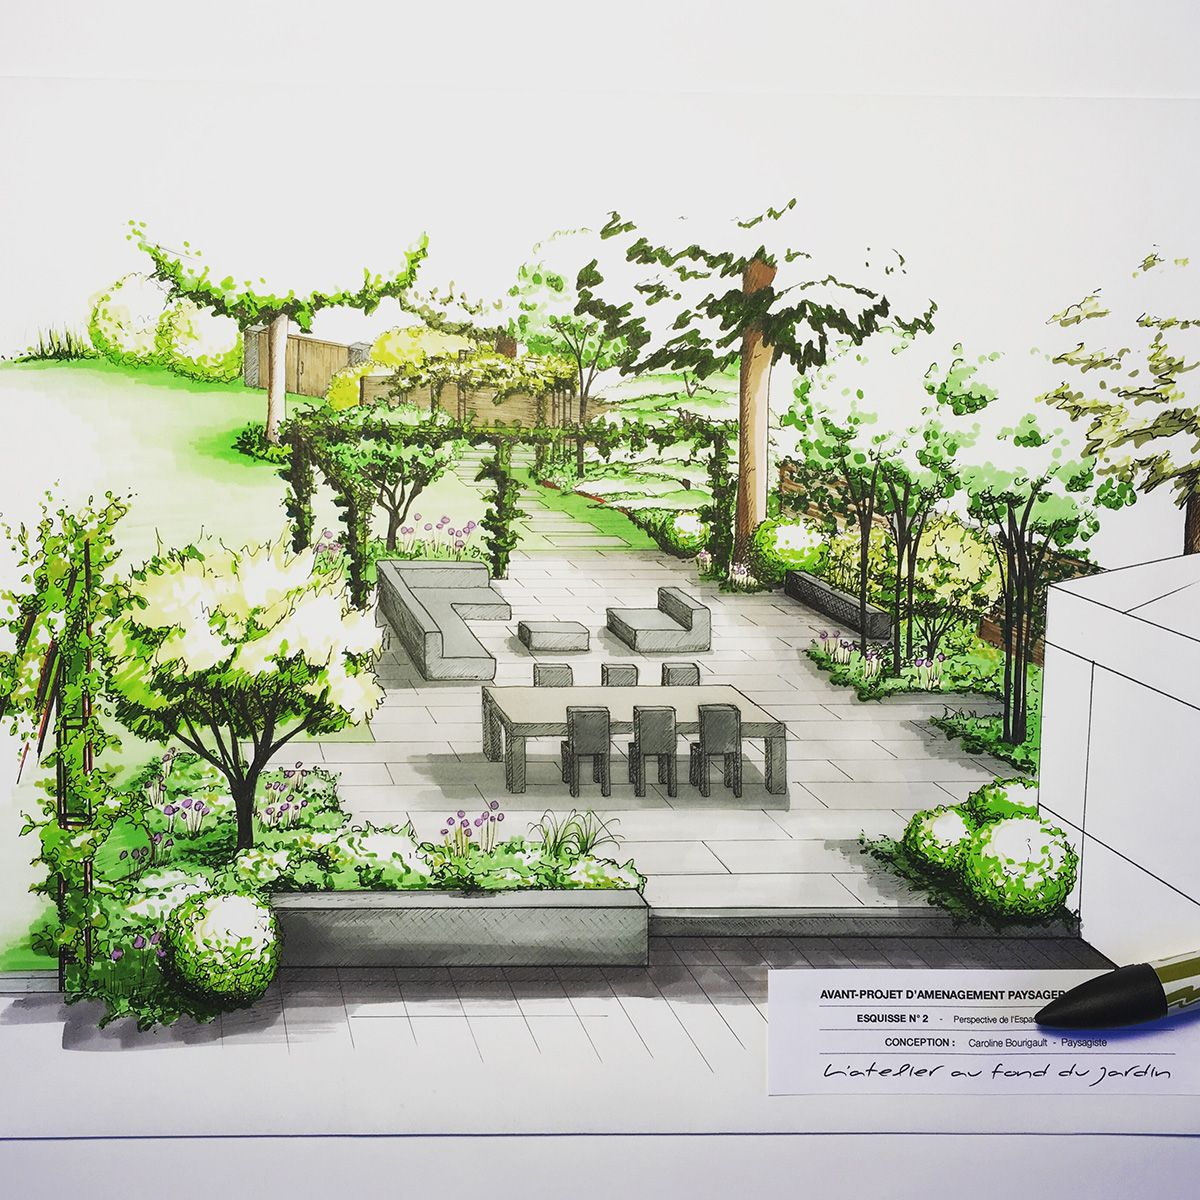 Am nagement paysager d 39 une terrasse de style contemporain dans l 39 enceinte d 39 un jardin d j - Creer un jardin contemporain ...